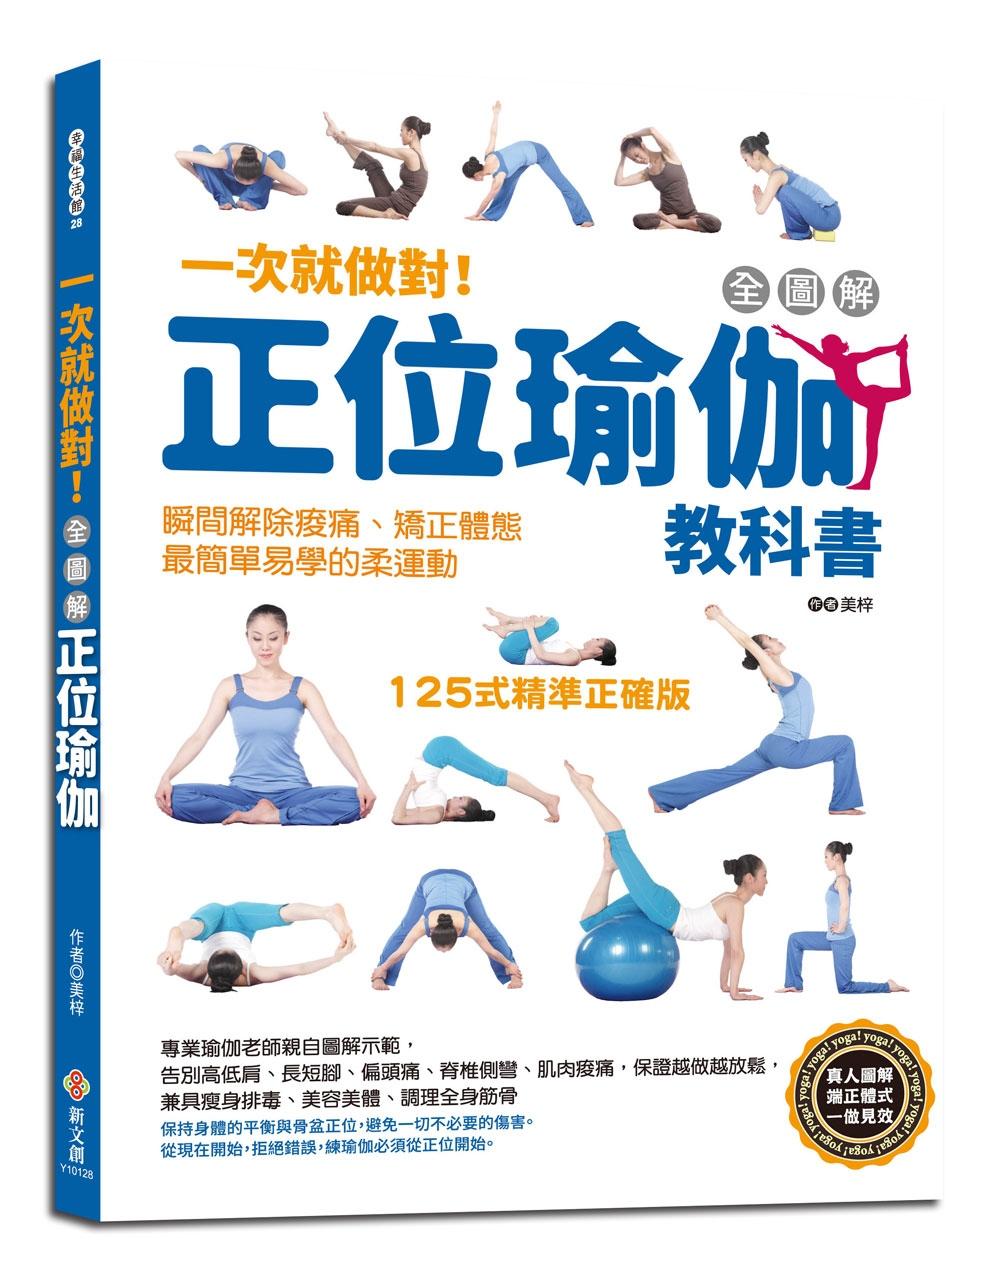 一次就做對!全圖解正位瑜伽教科書:125式精準正確版,專業瑜伽老師親自圖解示範